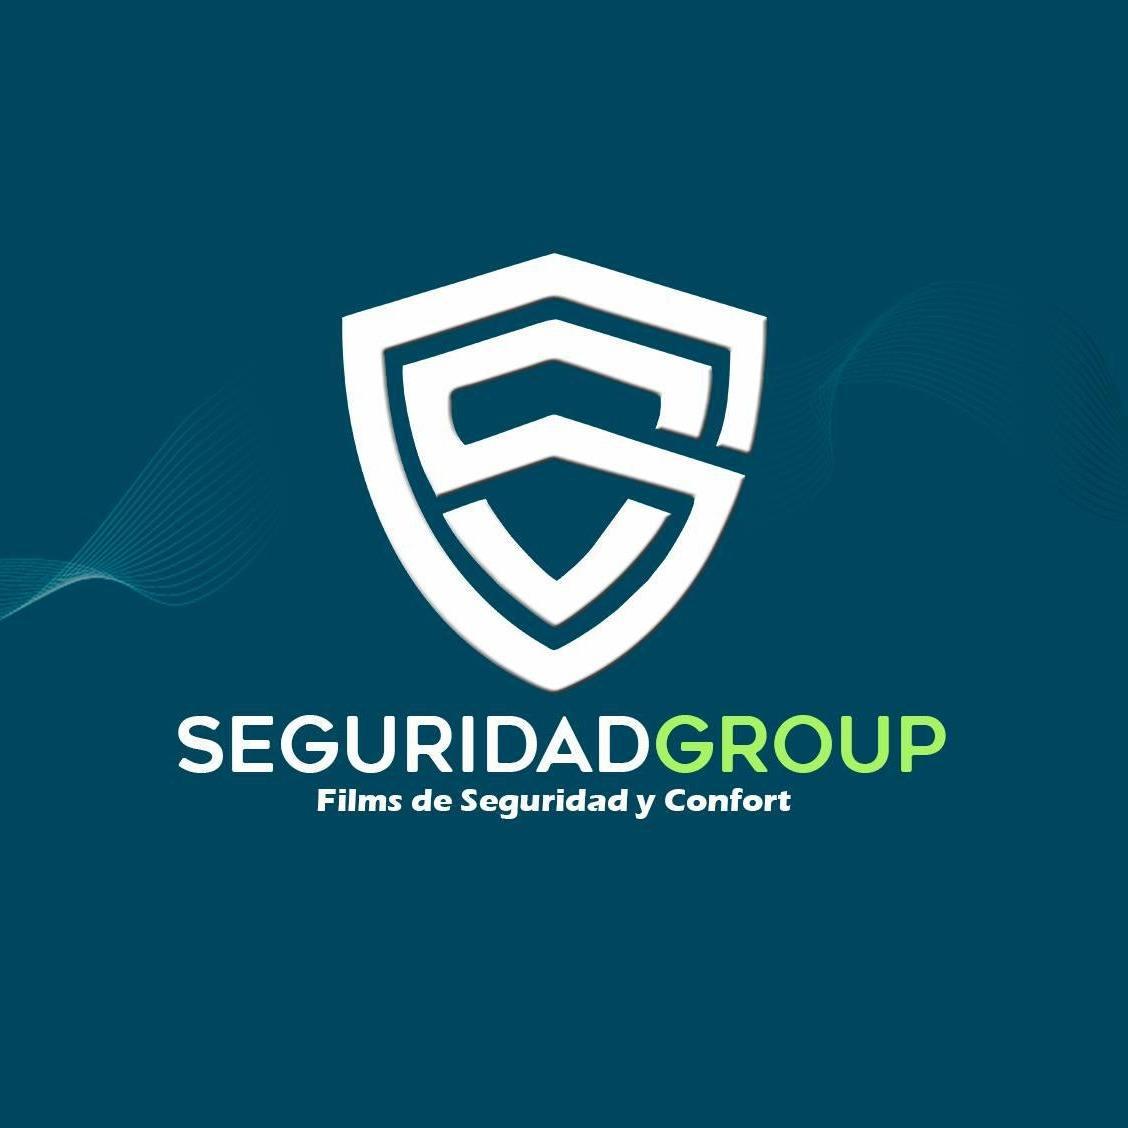 Control solar y antivandalico Seguridad Group